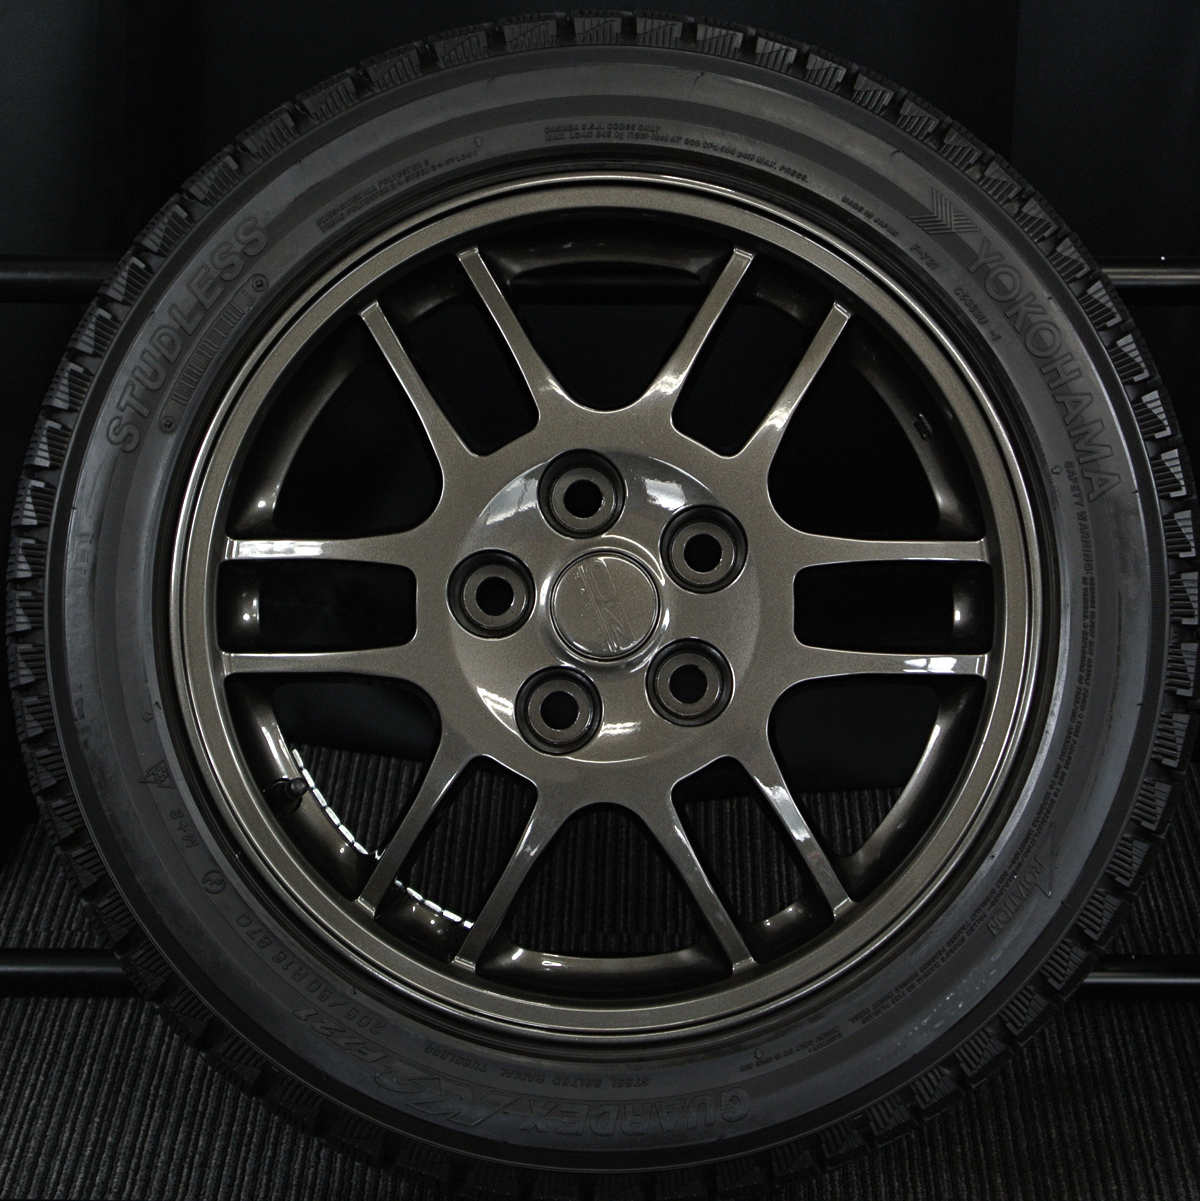 三菱 ランサーエボリューションIV 純正 OZ RACING F1 ガンメタ YOKOHAMA GUARDEX K2 F721 205/50R16 4本SET